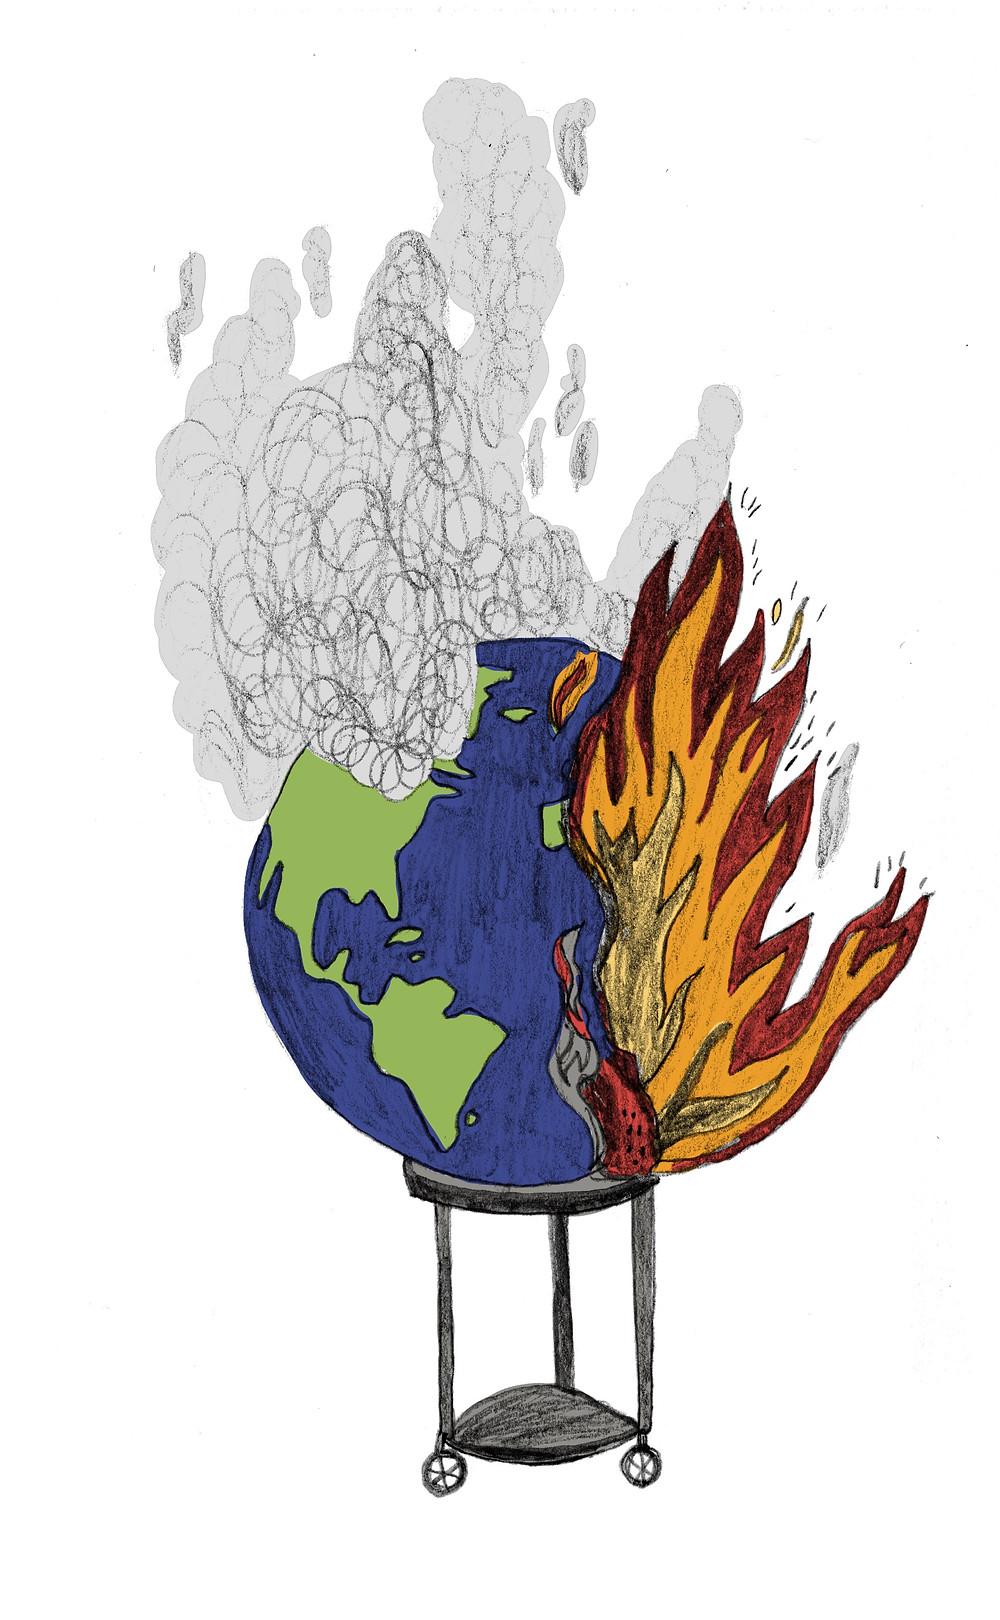 Brennender, rauchender Globus.